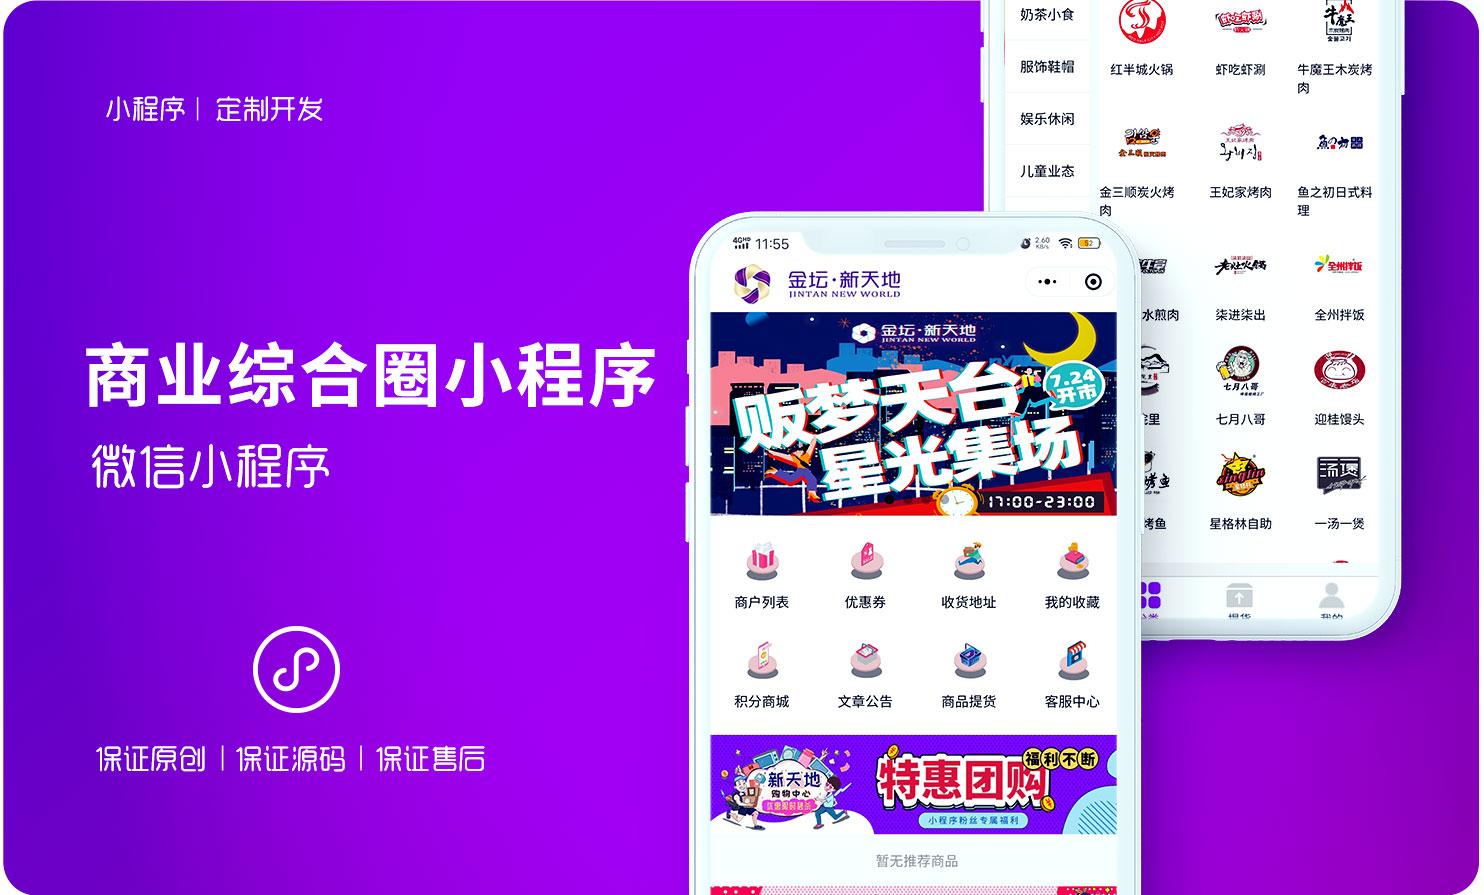 微信小程序开发app商城消费积分兑换商品分销反利优惠券领取